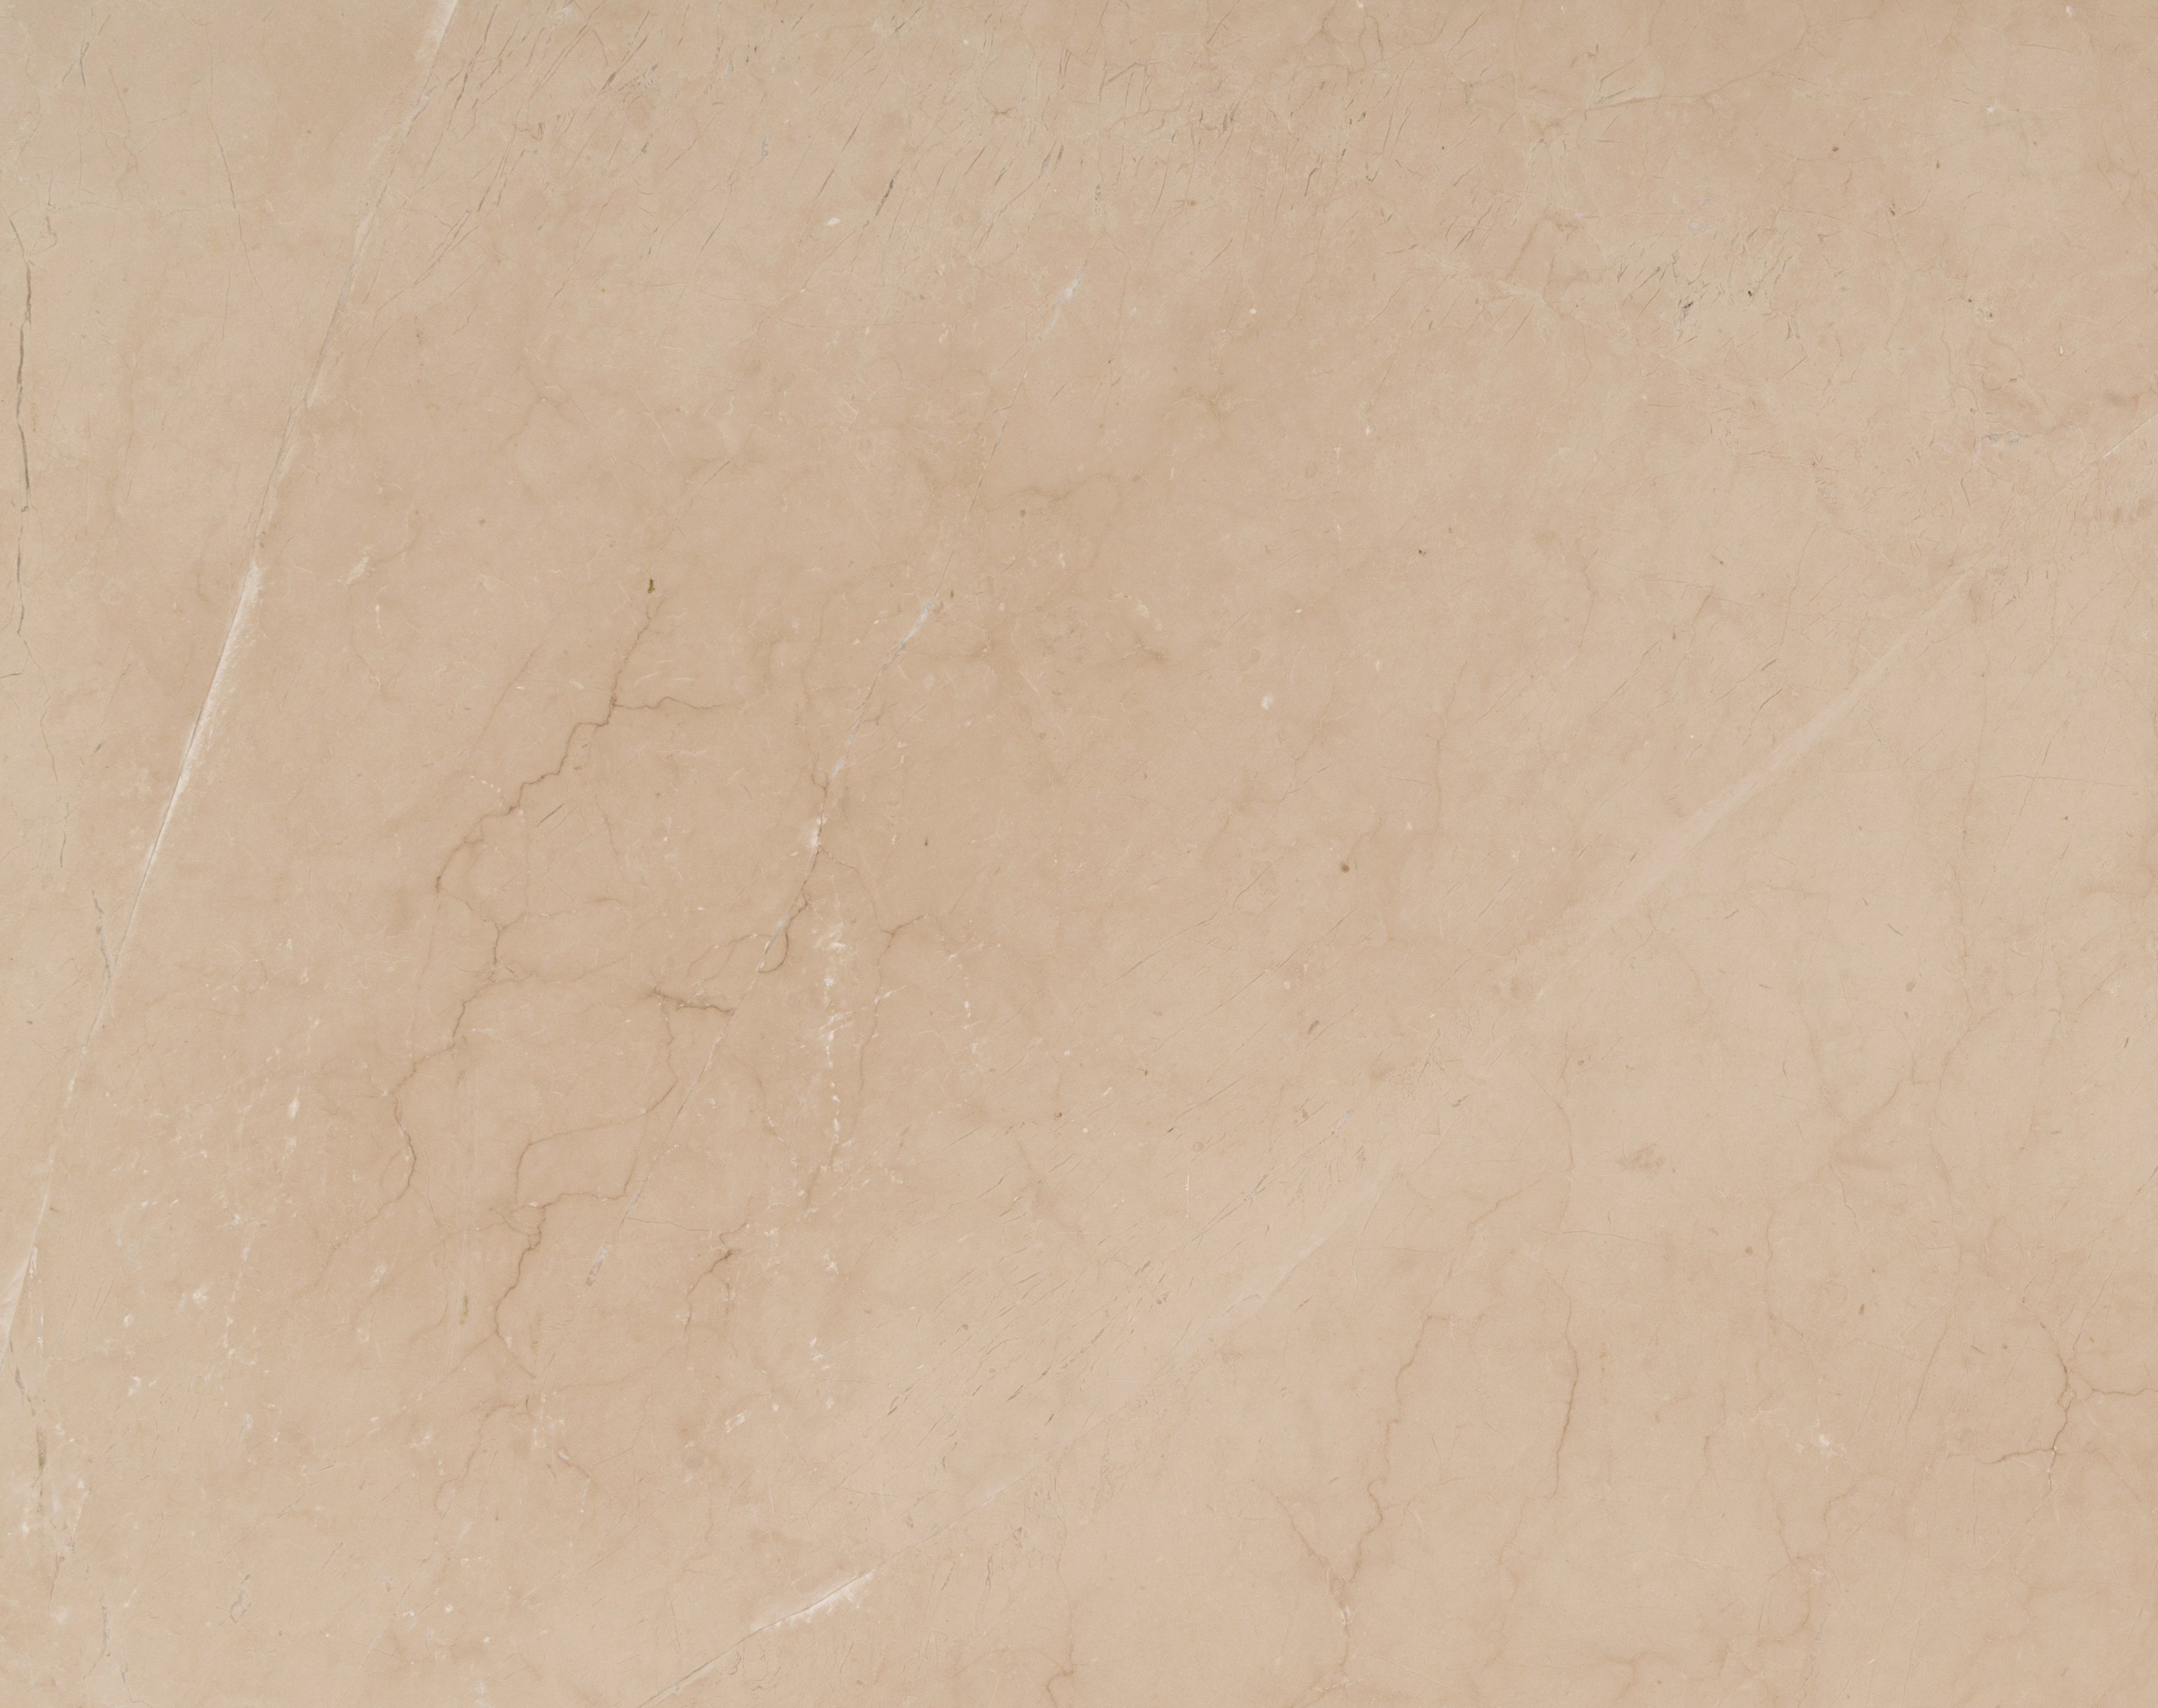 Burberry Beige Marble In 2020 Beige Marble Marble Beige